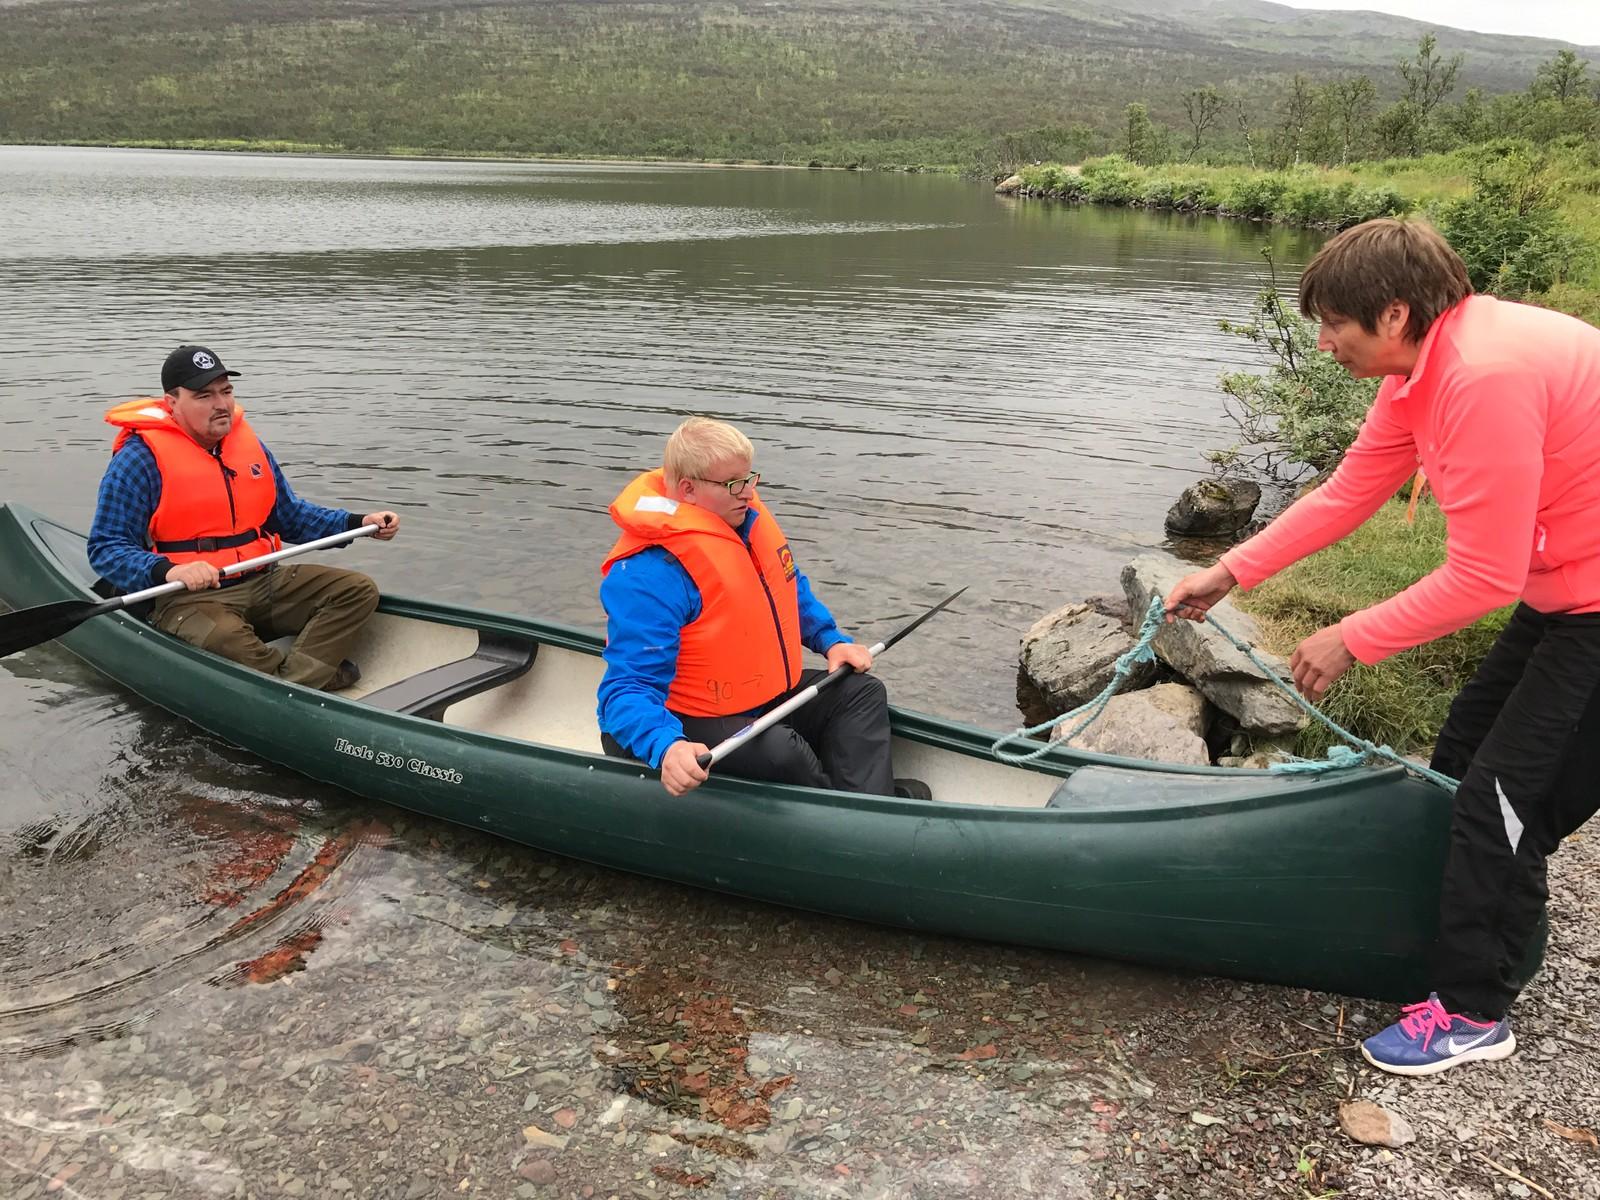 UT PÅ BØLJAN-BLÅ: Gunnar Stangeland (t.v.) og bestekompisen får boltre seg i kano på Harrevann. Dette er en av favorittaktivitetene.